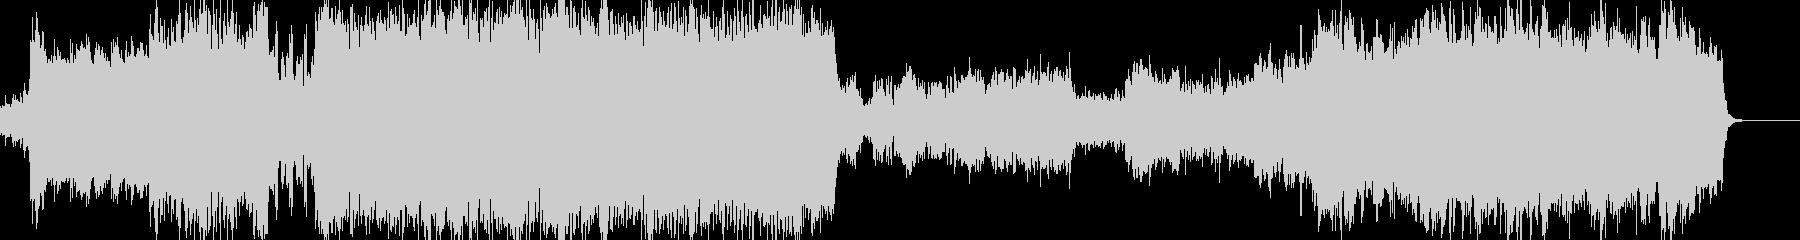 感動的なフルオーケストラの未再生の波形